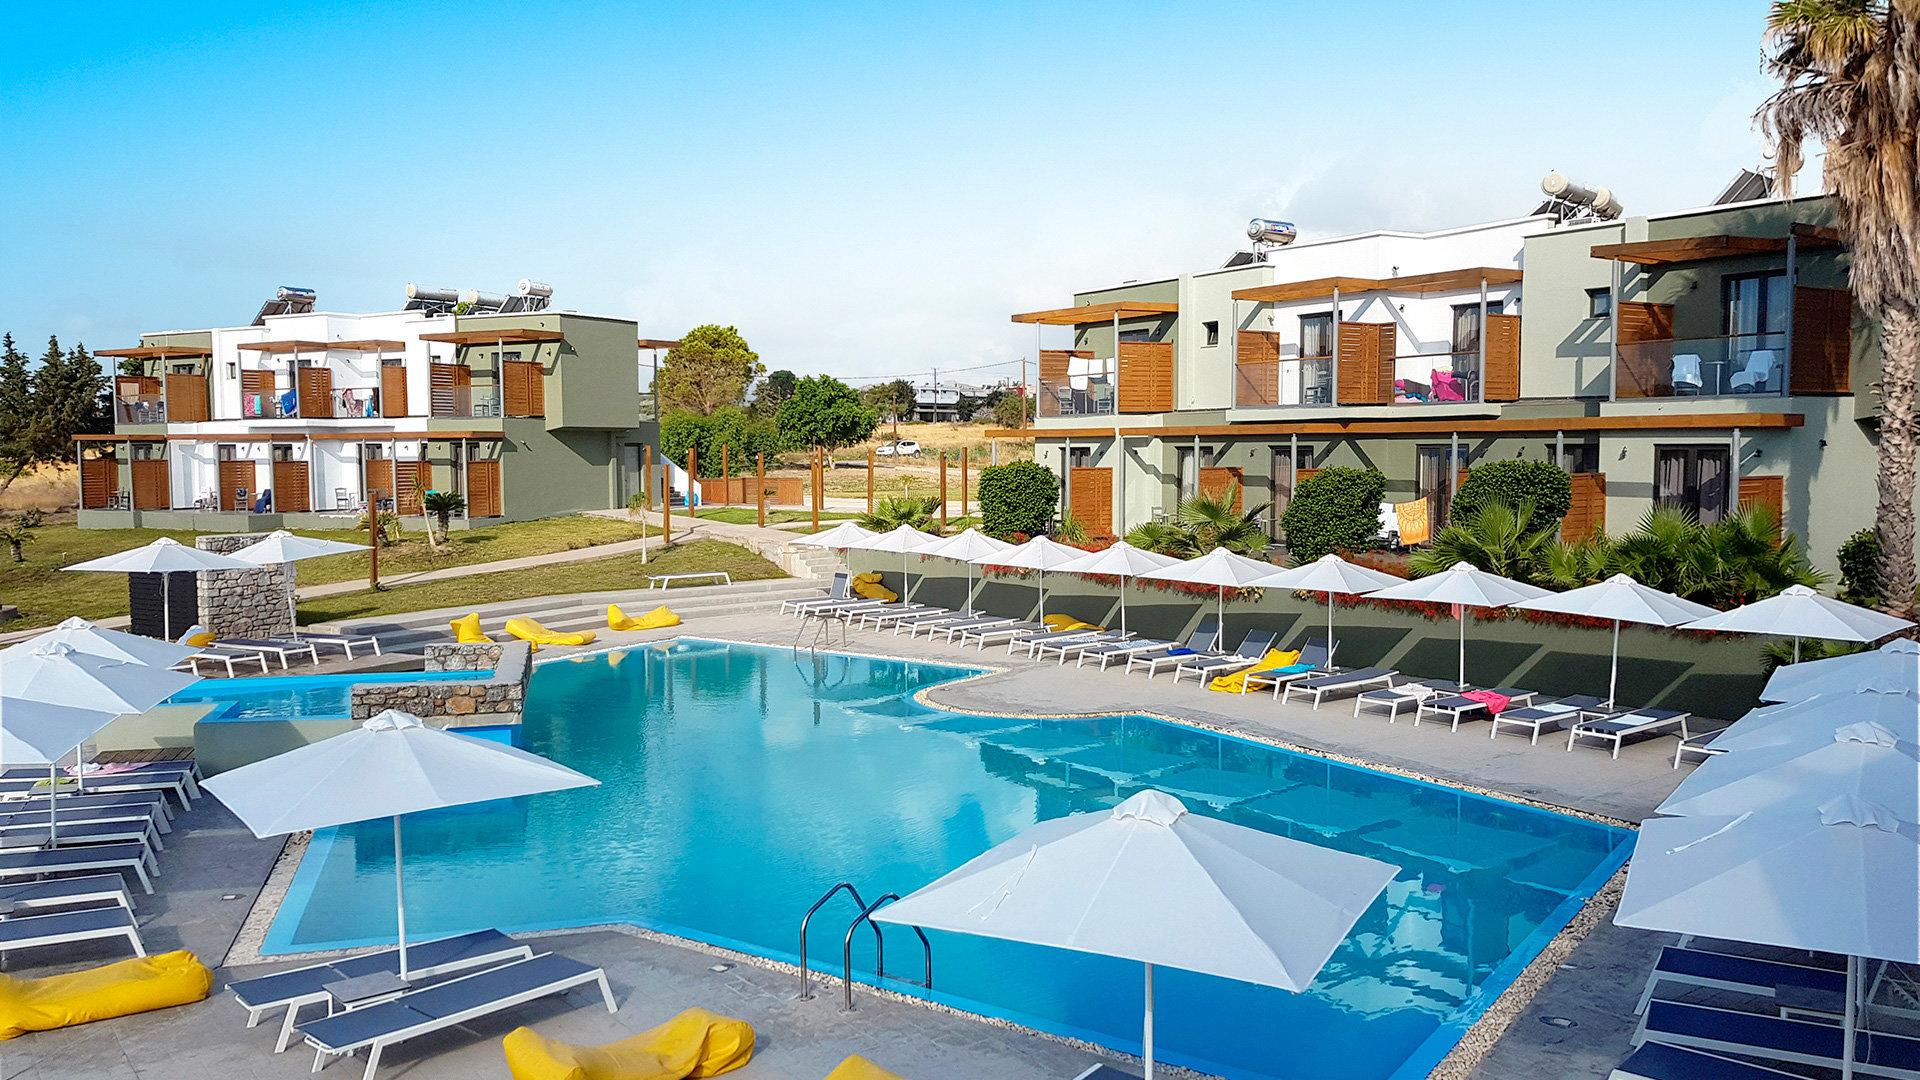 Hotel Zenith Seaside